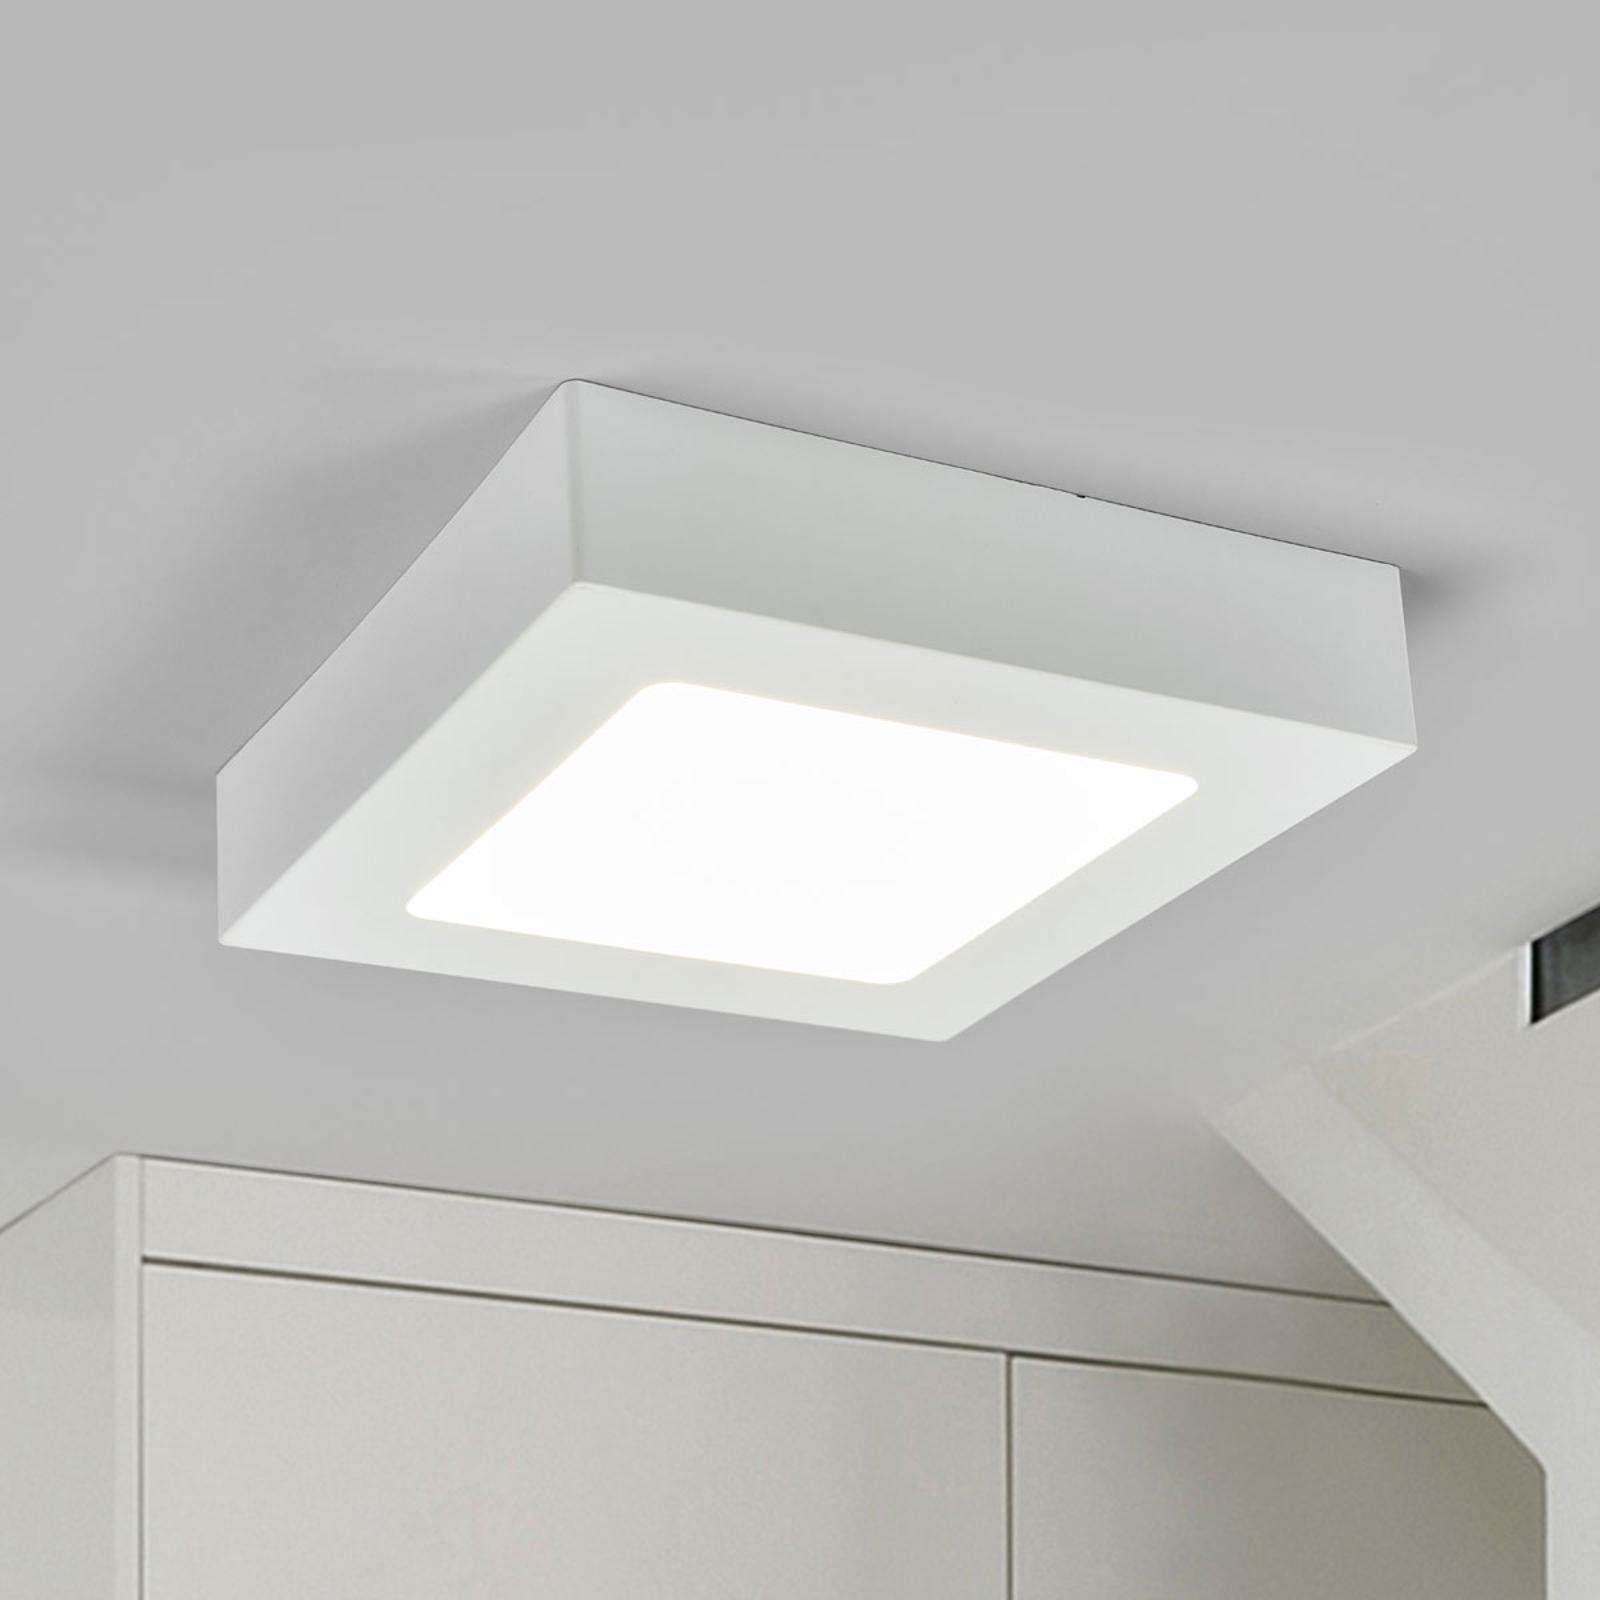 Lampa sufitowa LED Marlo biała 4000K kątowa 18,1cm